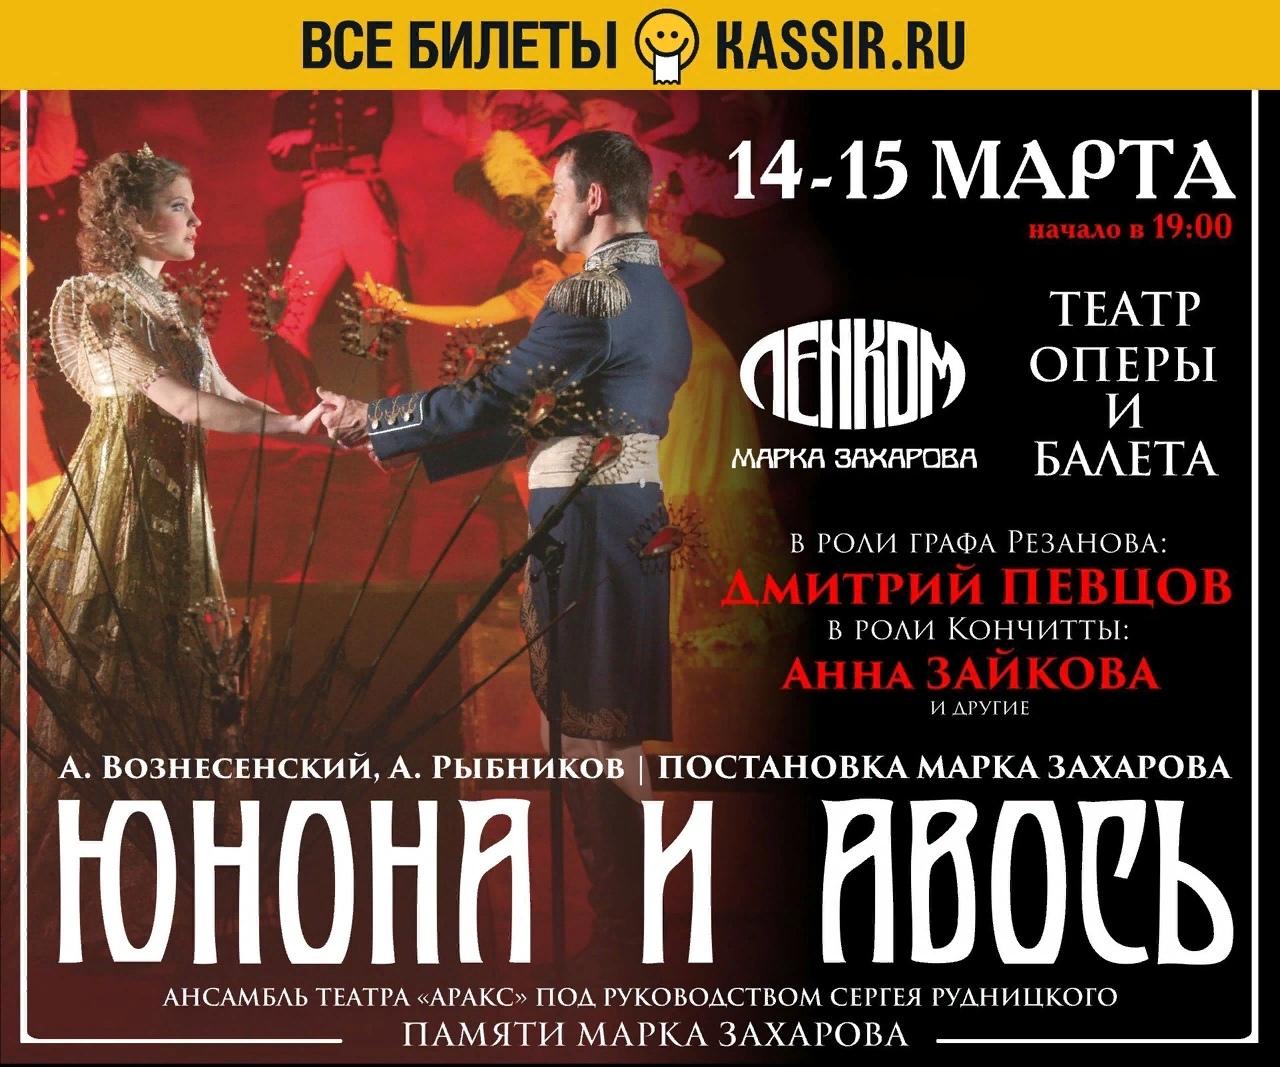 Гастроли театра ЛЕНКОМ. Рок-опера «Юнона и Авось»